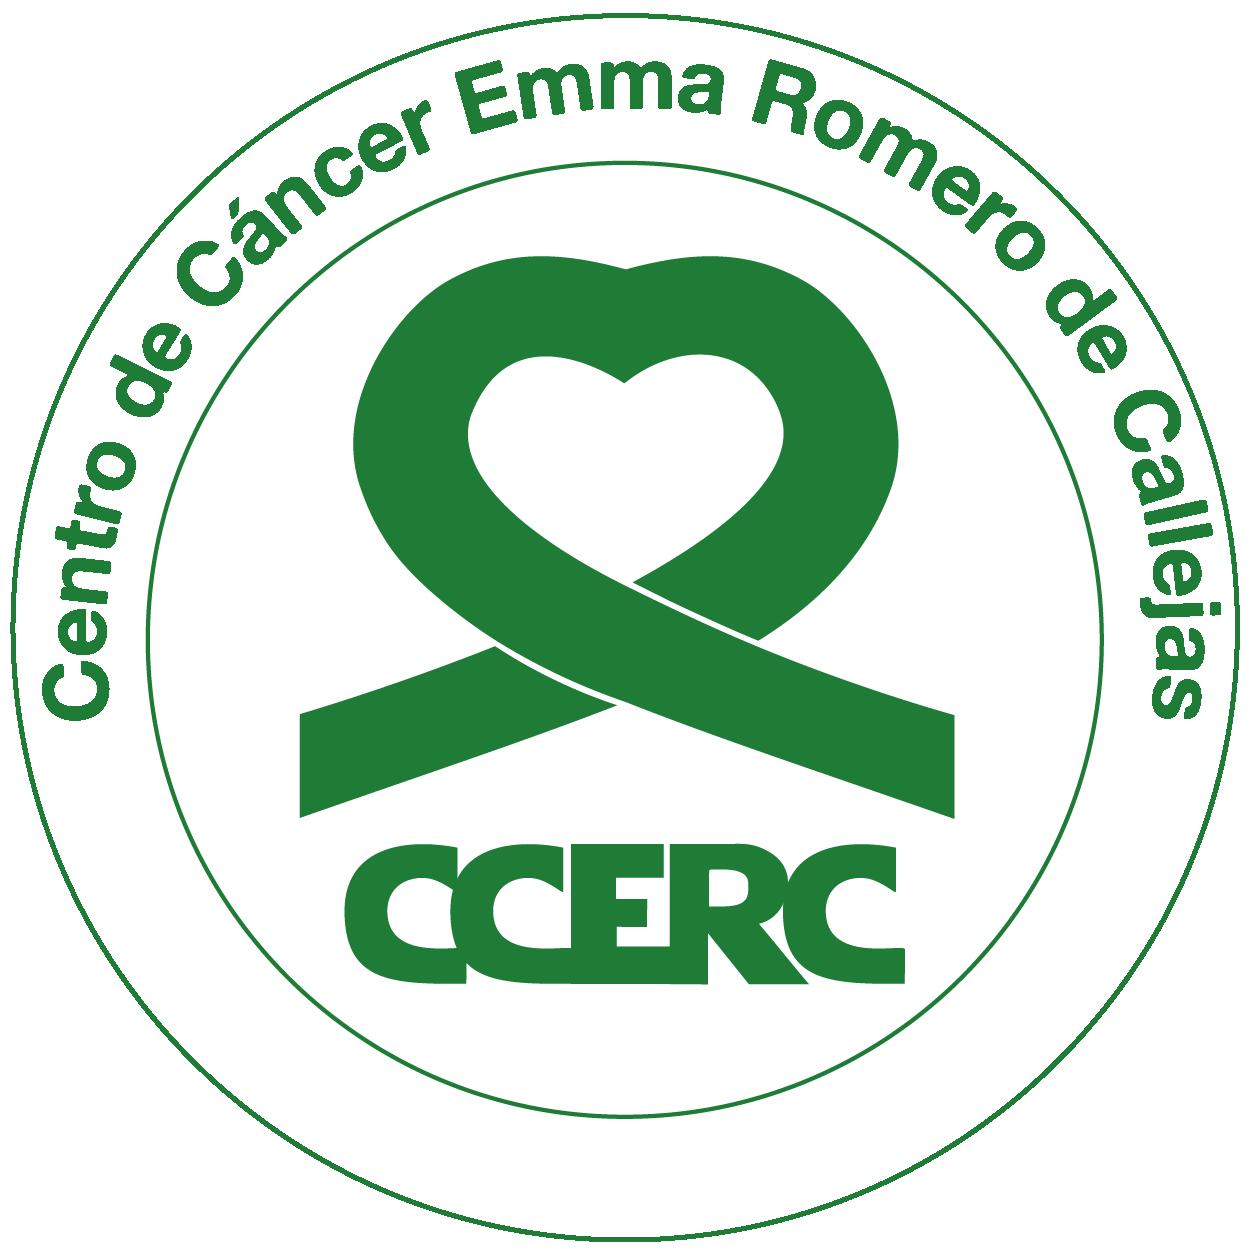 Centro de Cancer Emma Romero de Callejas